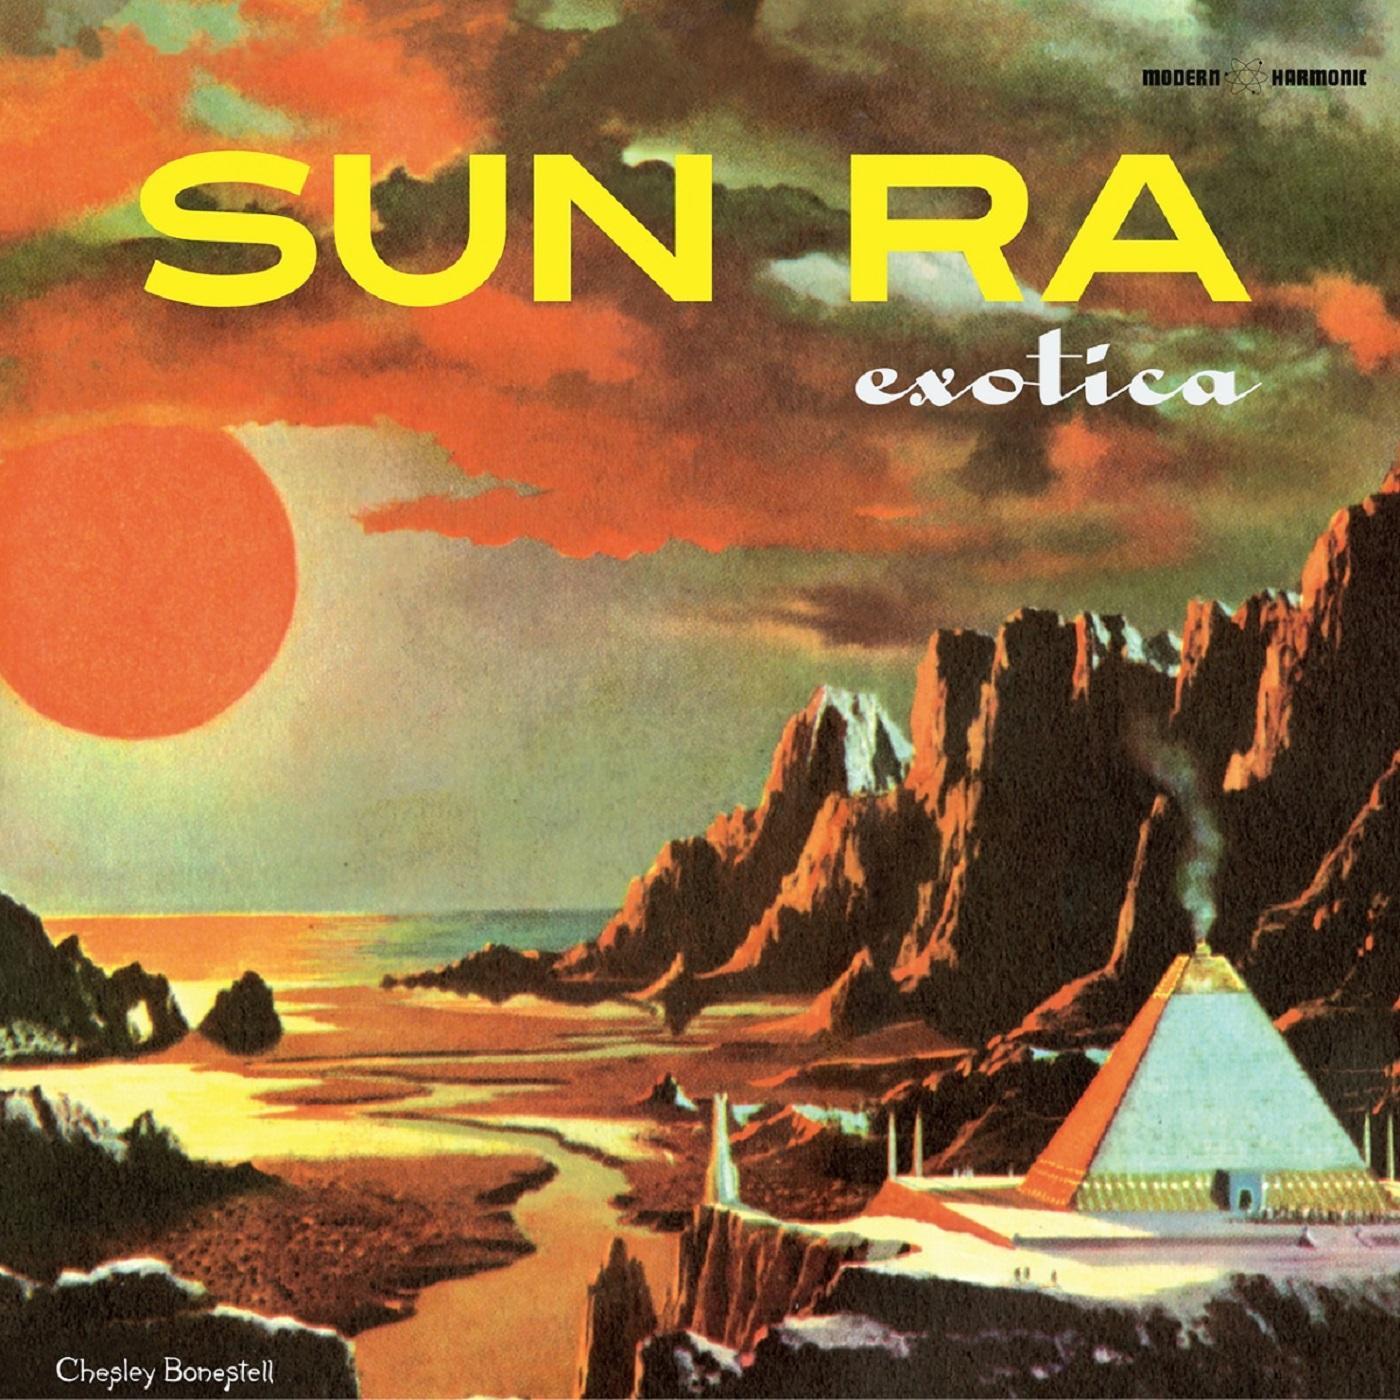 Sun Ra - Exotica - 2-CD